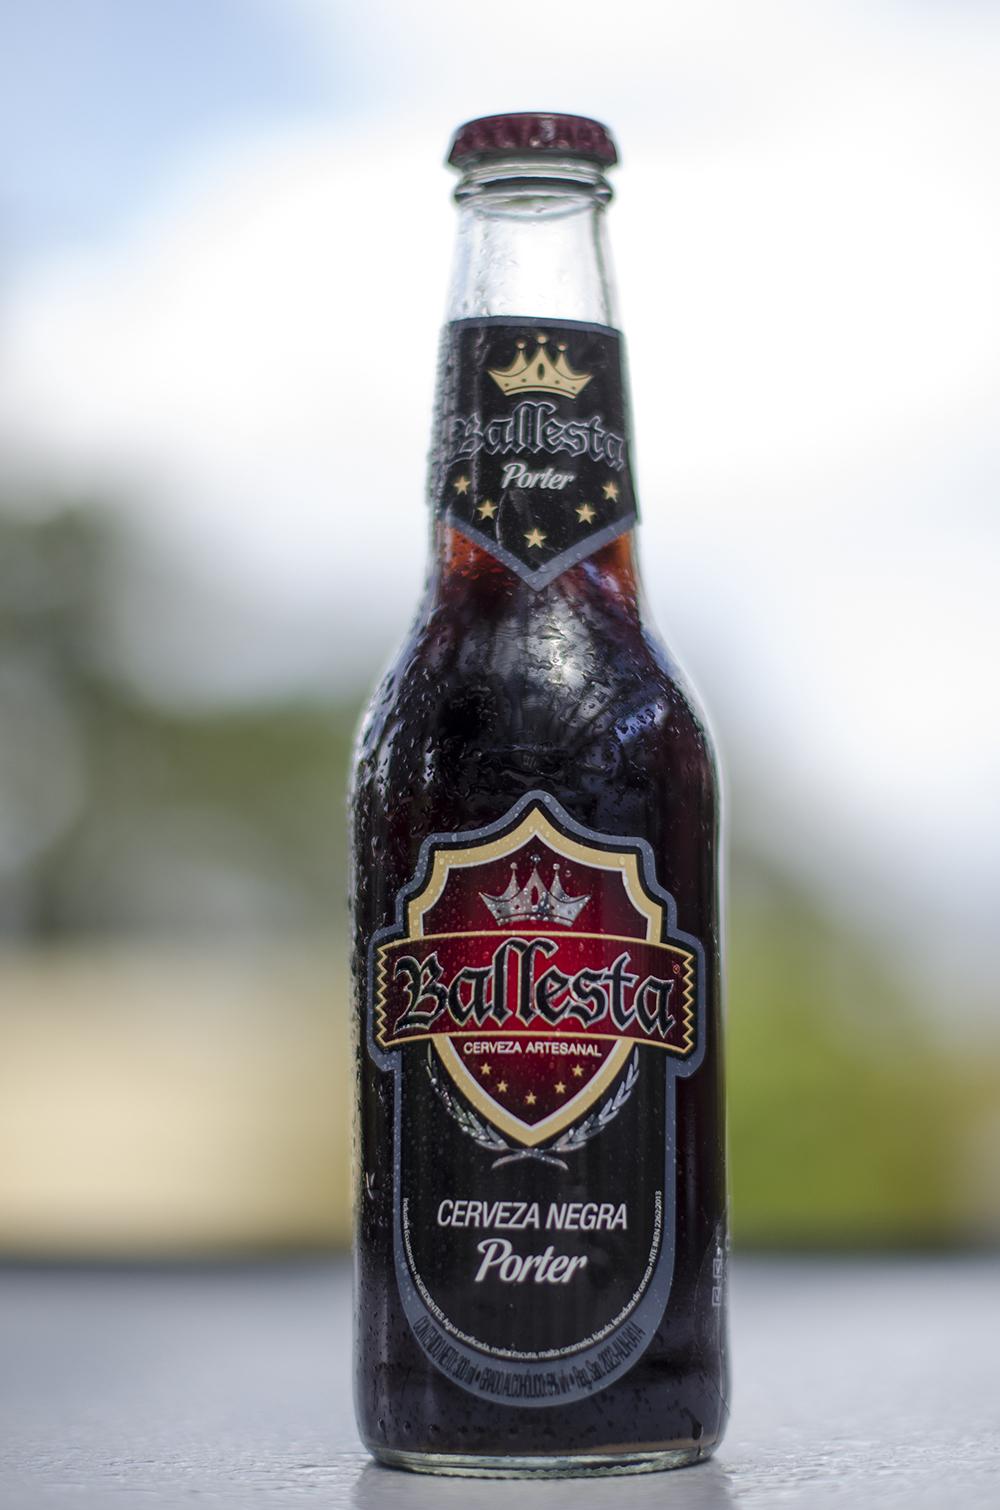 Ballesta   Porter Negra  5,0%